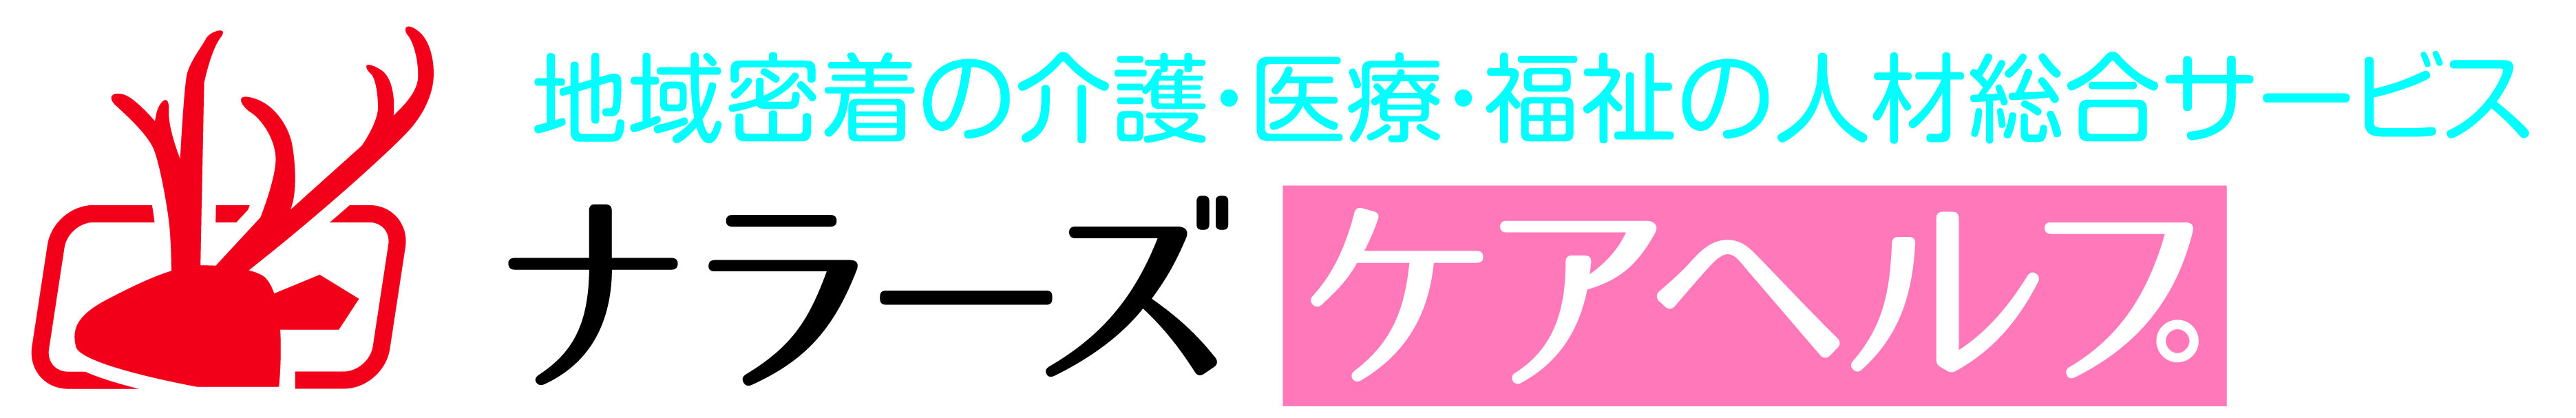 名刺ロゴ.jpg